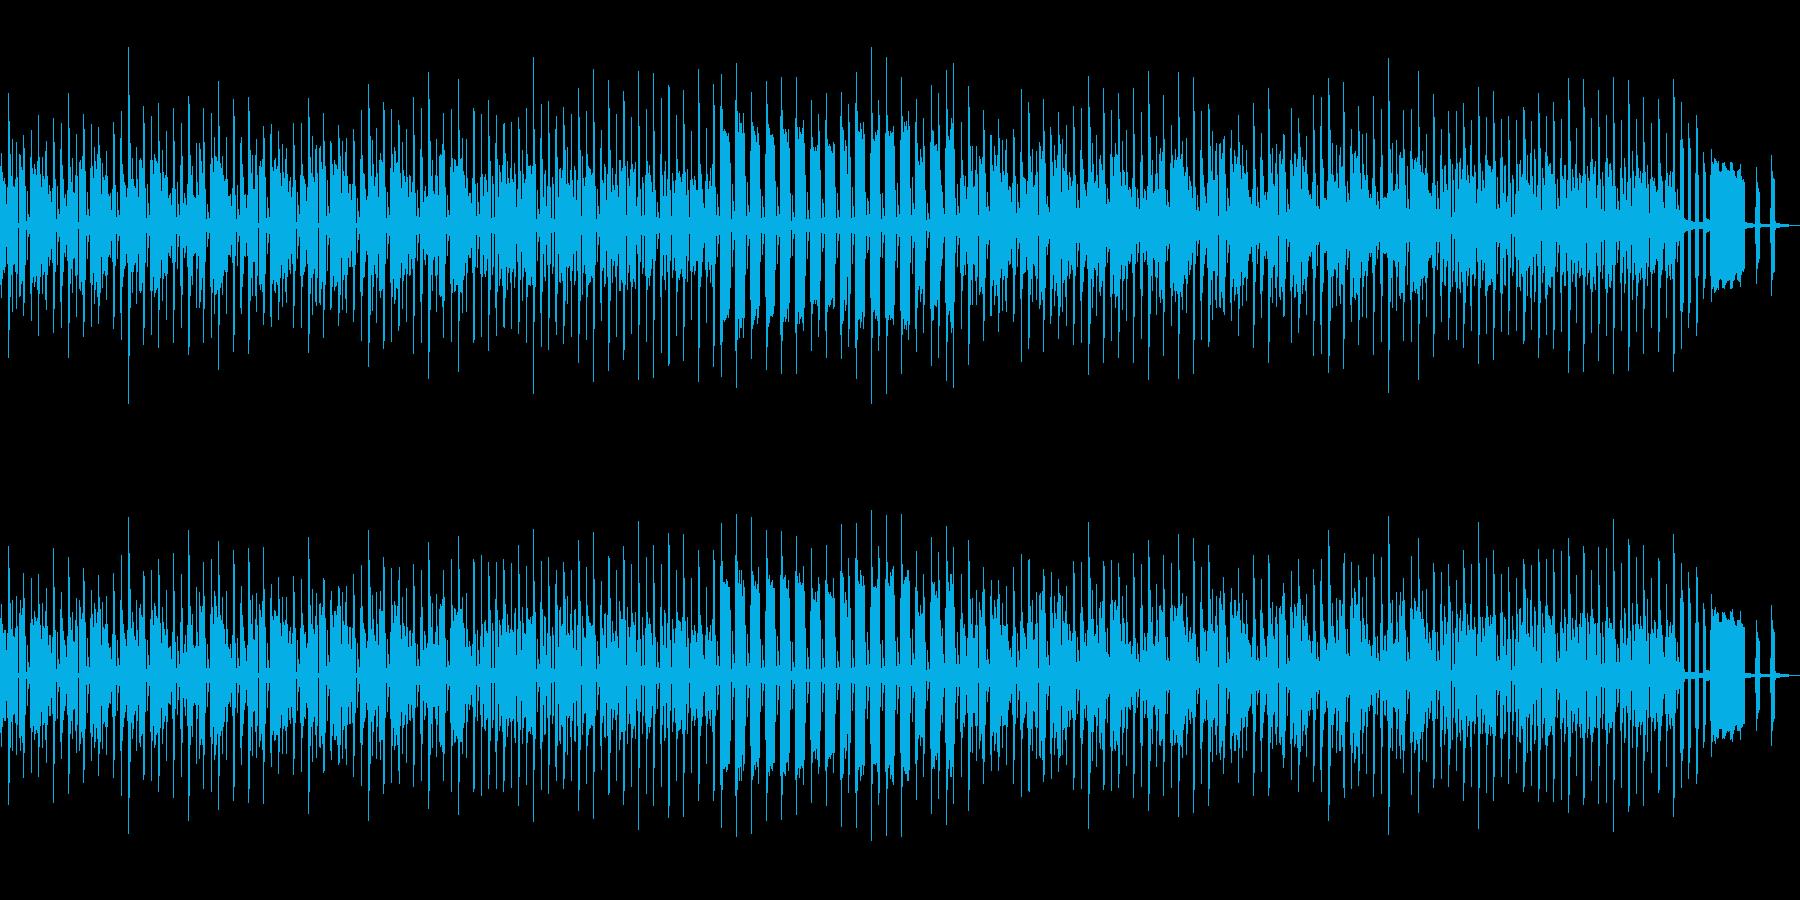 もちもちと歩く様な可愛いBGMの再生済みの波形